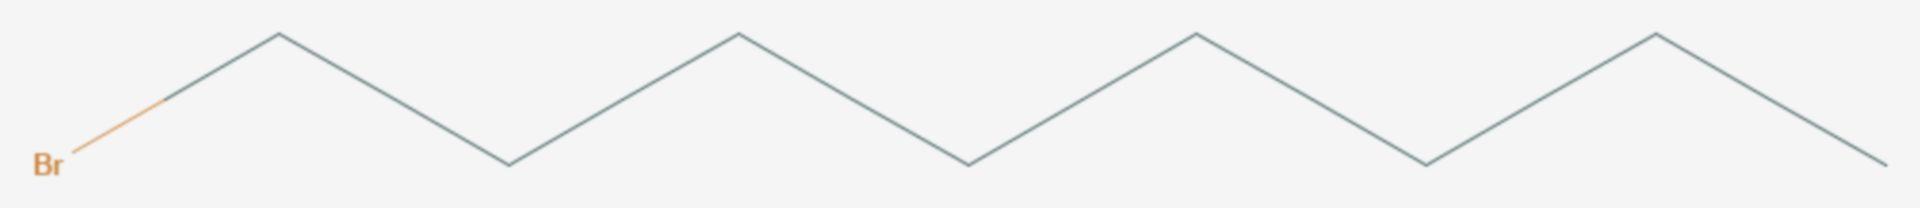 1-Bromoctan (Strukturformel)